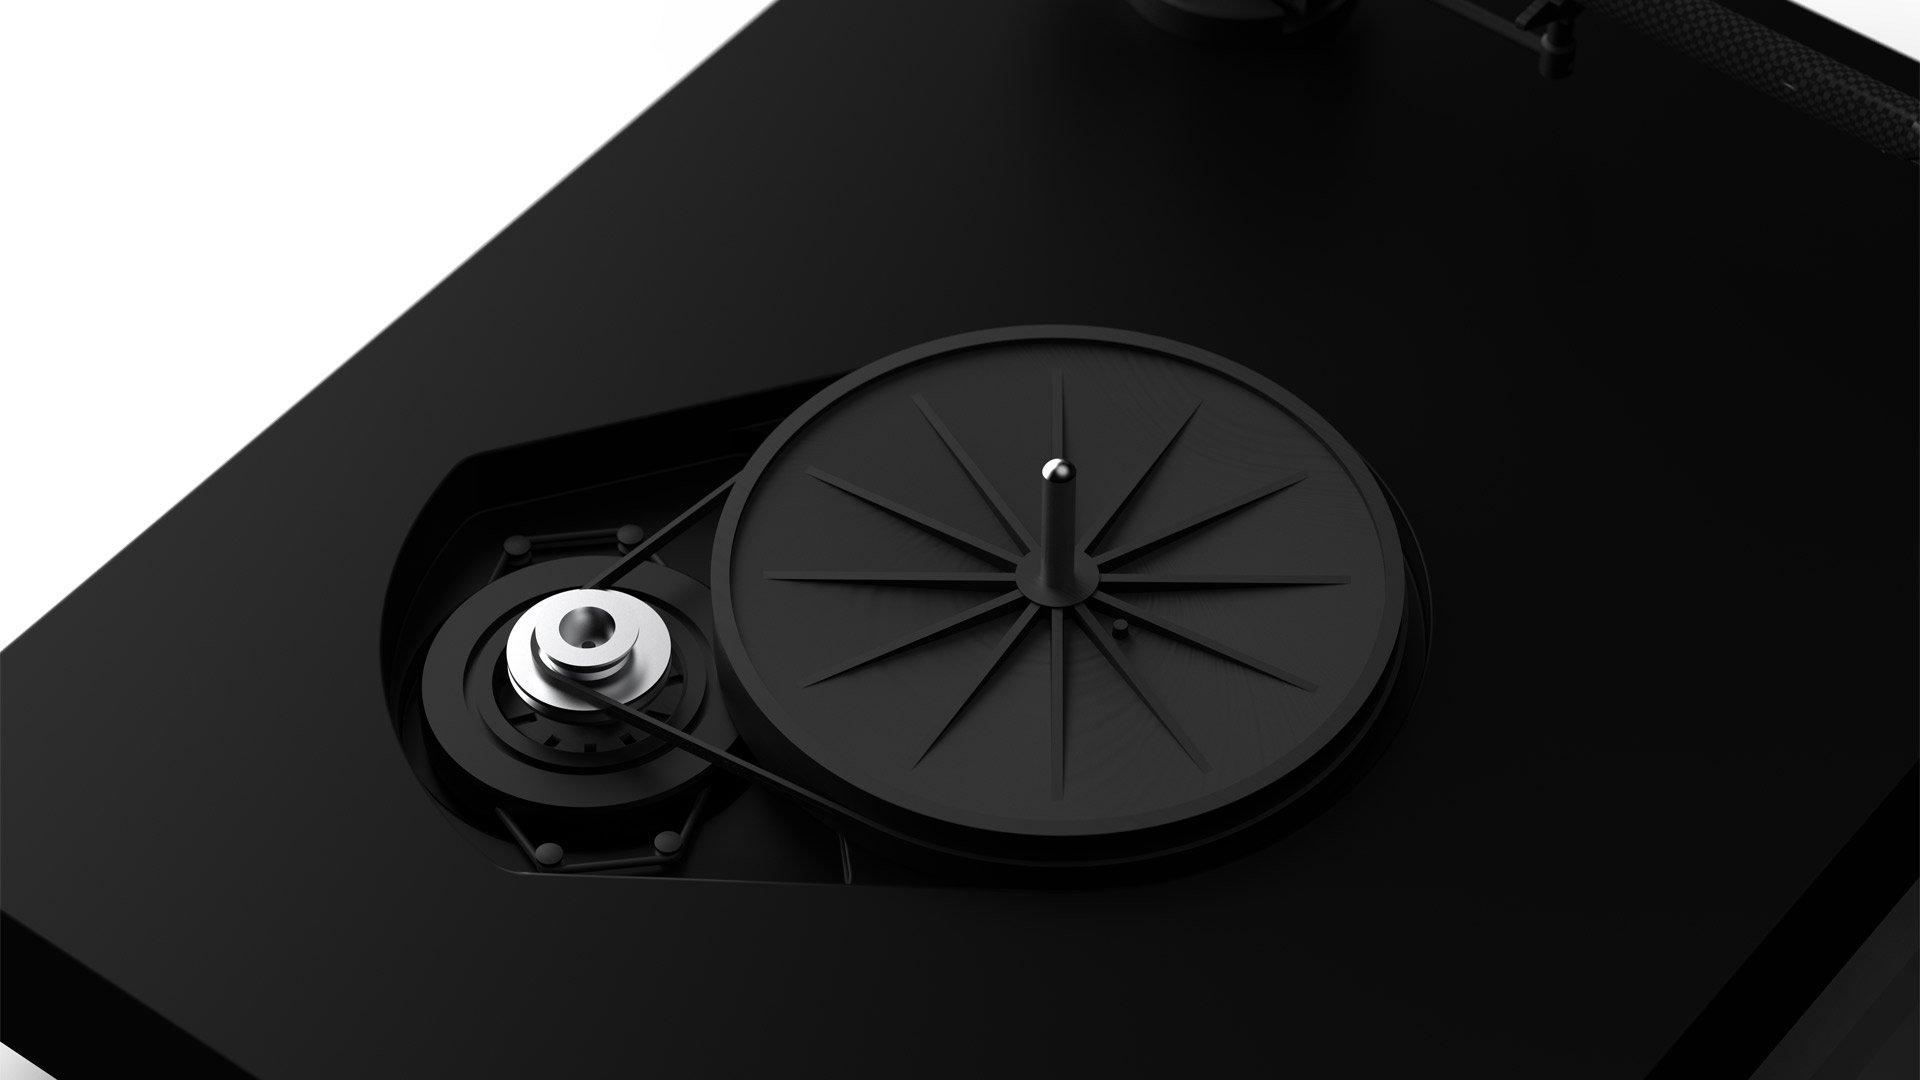 X2 Motor & Sub-Platter